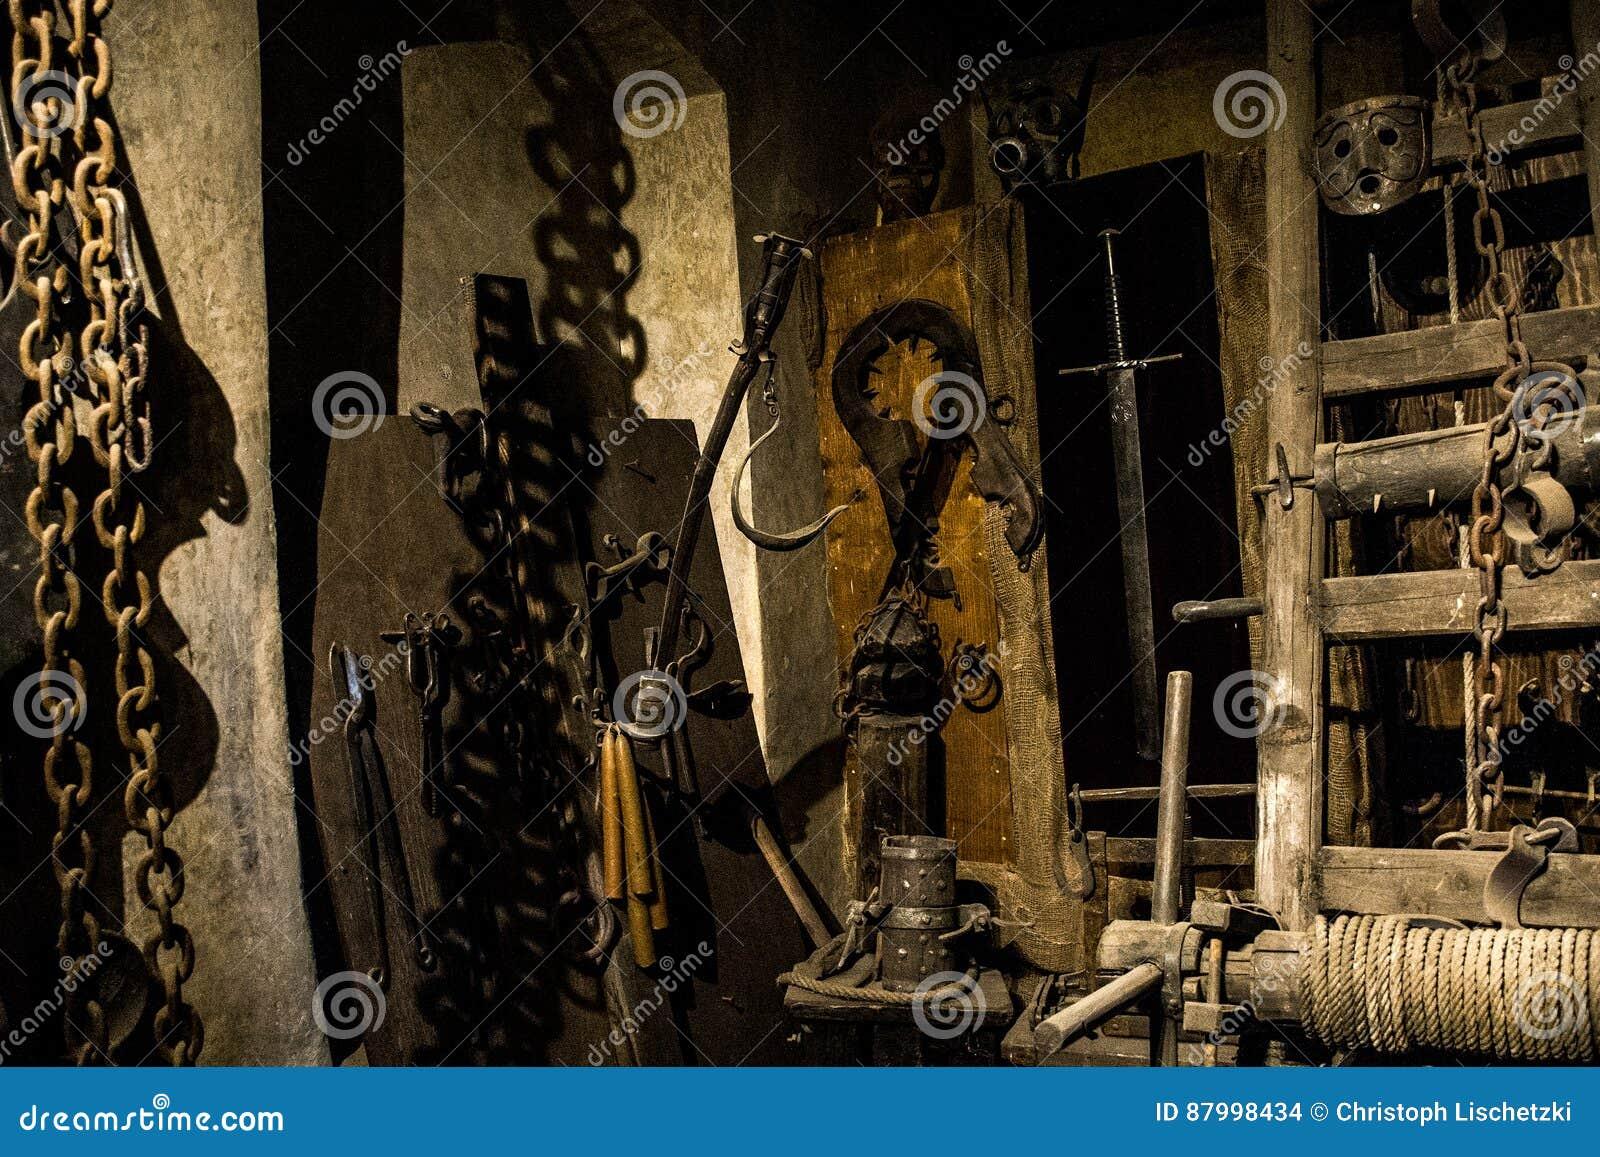 Oude middeleeuwse martelingskamer met vele pijnhulpmiddelen